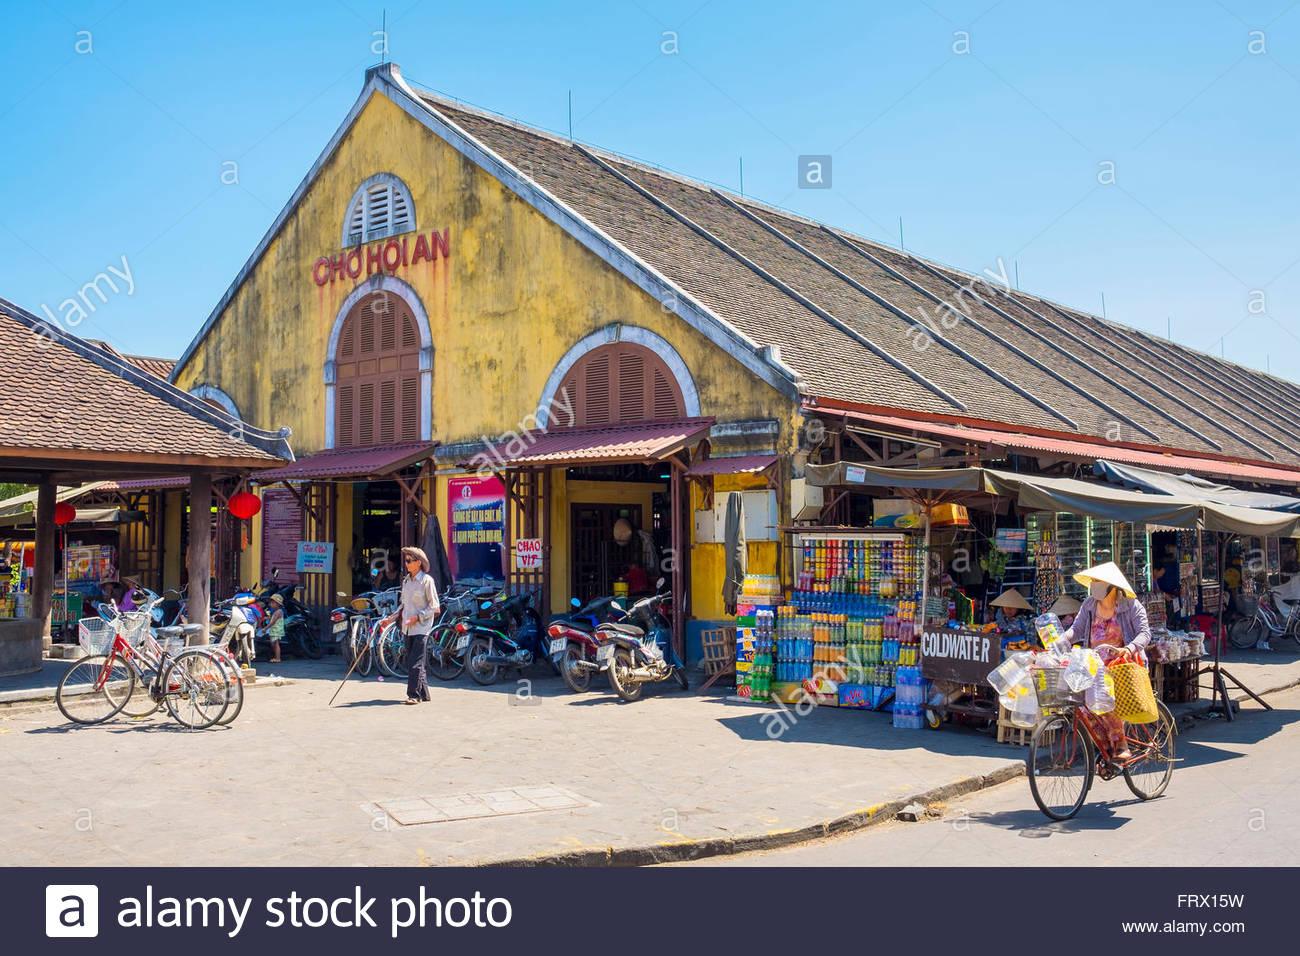 Hoi an einem zentralen Markt (Cho Hoi ein), Hoi an, Provinz Quang Nam, Vietnam Stockbild